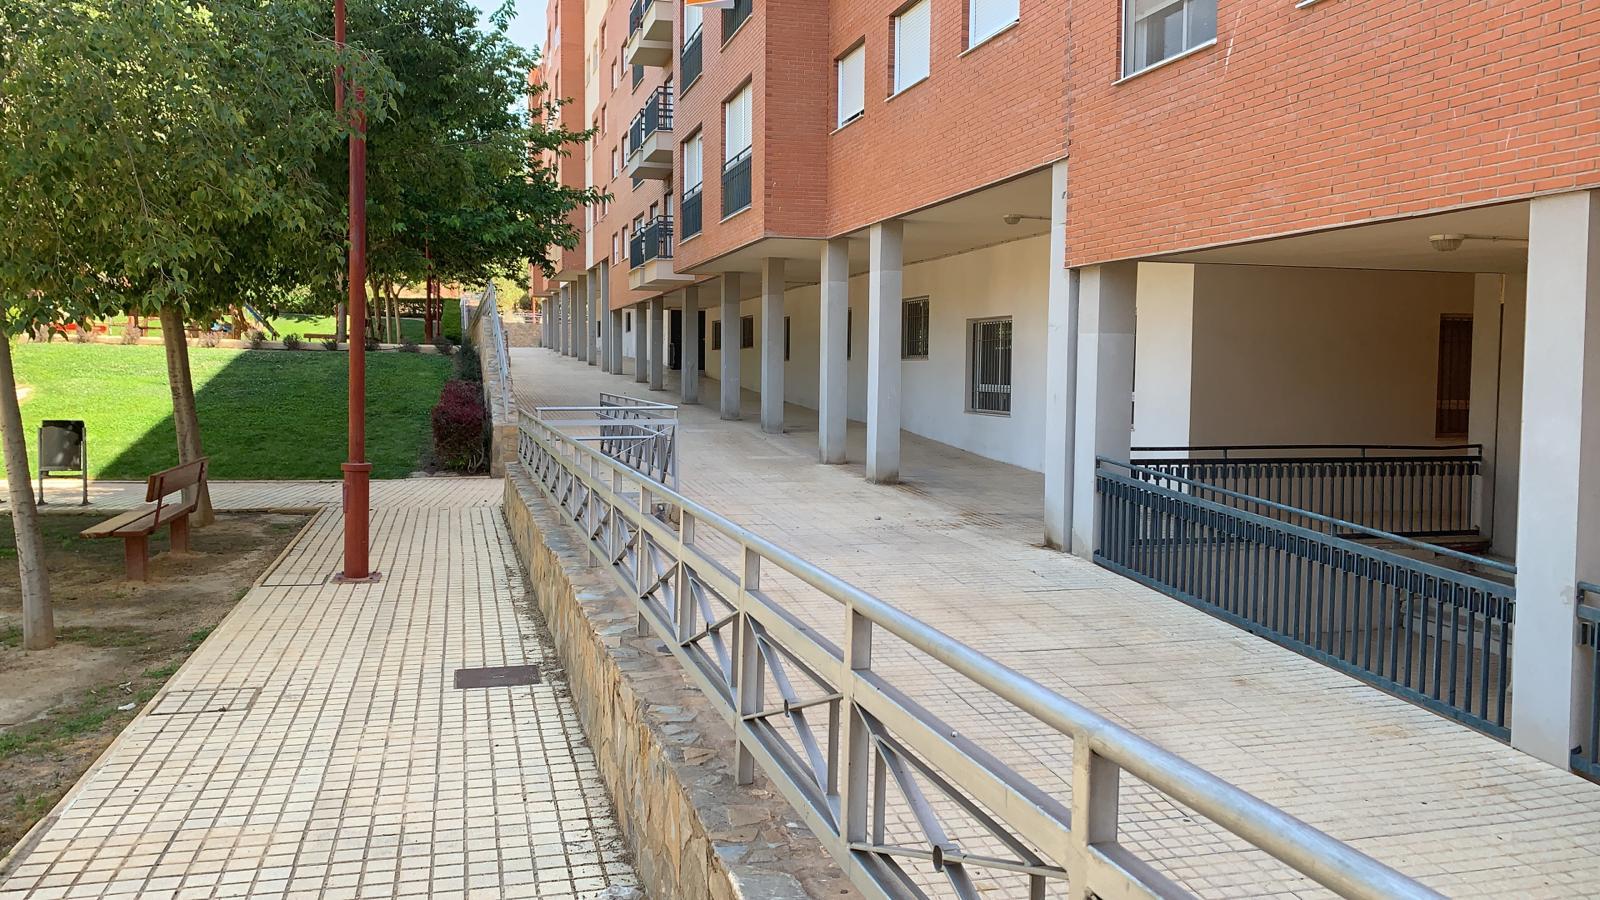 El PSOE creará una Biblioteca con sala de estudio en los bajos de titularidad municipal de la Calle Abellaneda, esquina Parque Diario La Verdad